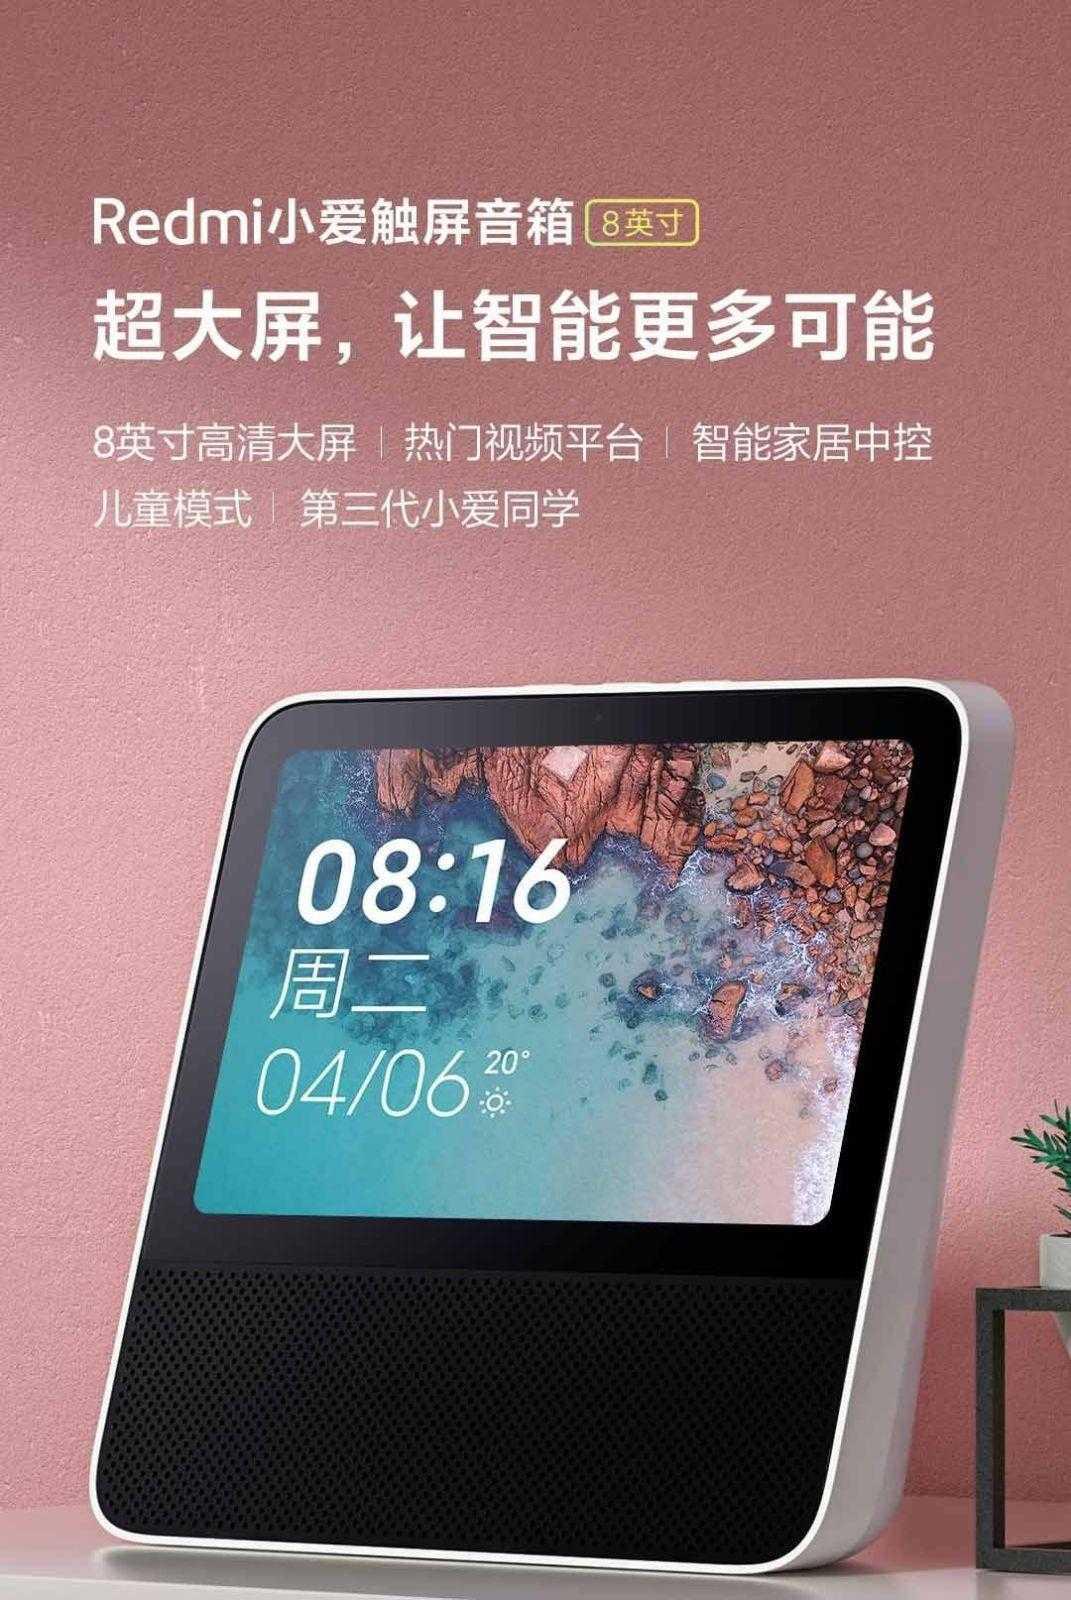 5 плохих девайсов xiaomi для умного дома. что купить вместо них